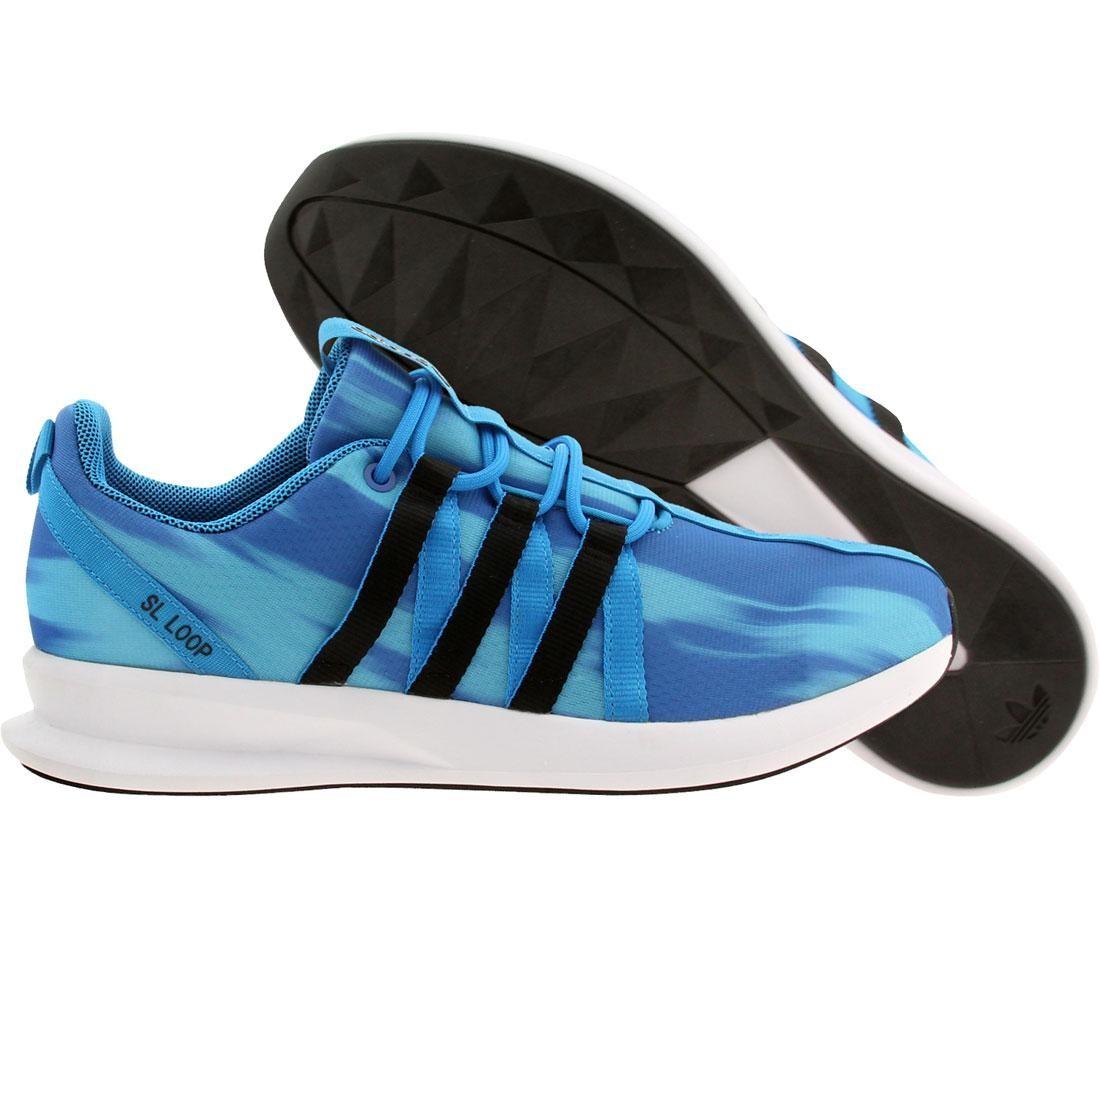 【海外限定】アディダス メンズ靴 靴 【 ADIDAS MEN SL LOOP RACER BLUE SOLBLU CBLACK 】